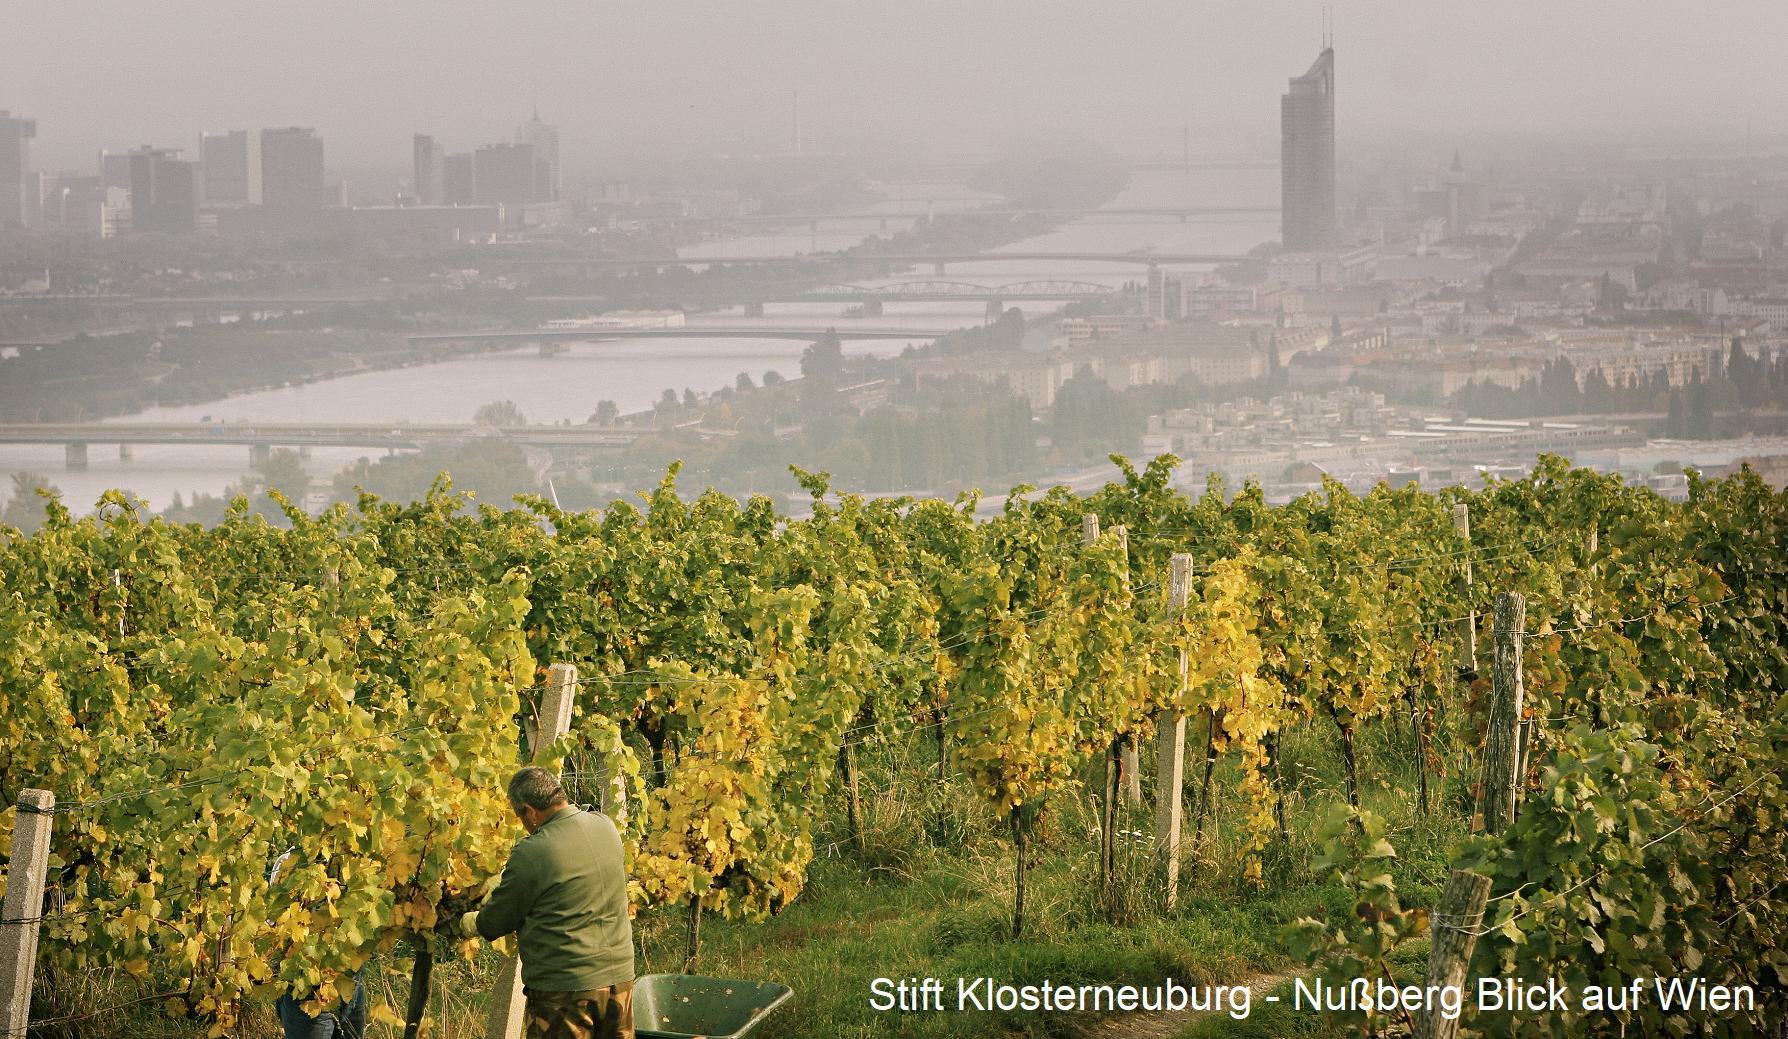 Stift Klosterneuburg - View of Vienna from Nußberg